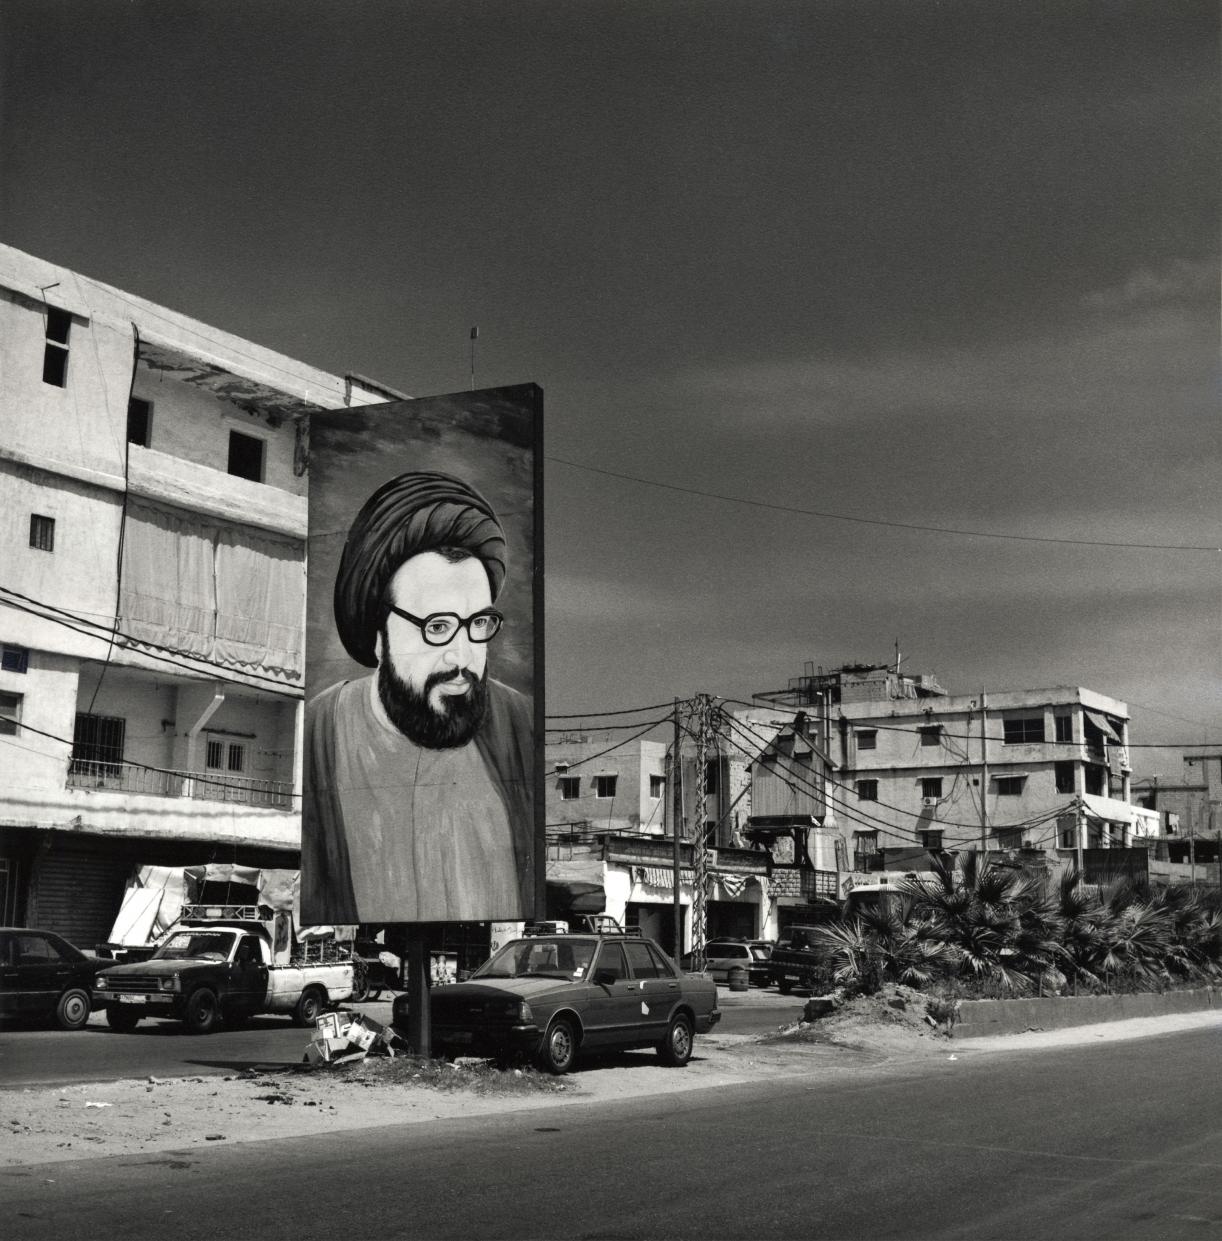 Balthasar Burkhard, Dahieh I - Beirut, 2006, Vintage silver print, 47 x 44 cm, Unique